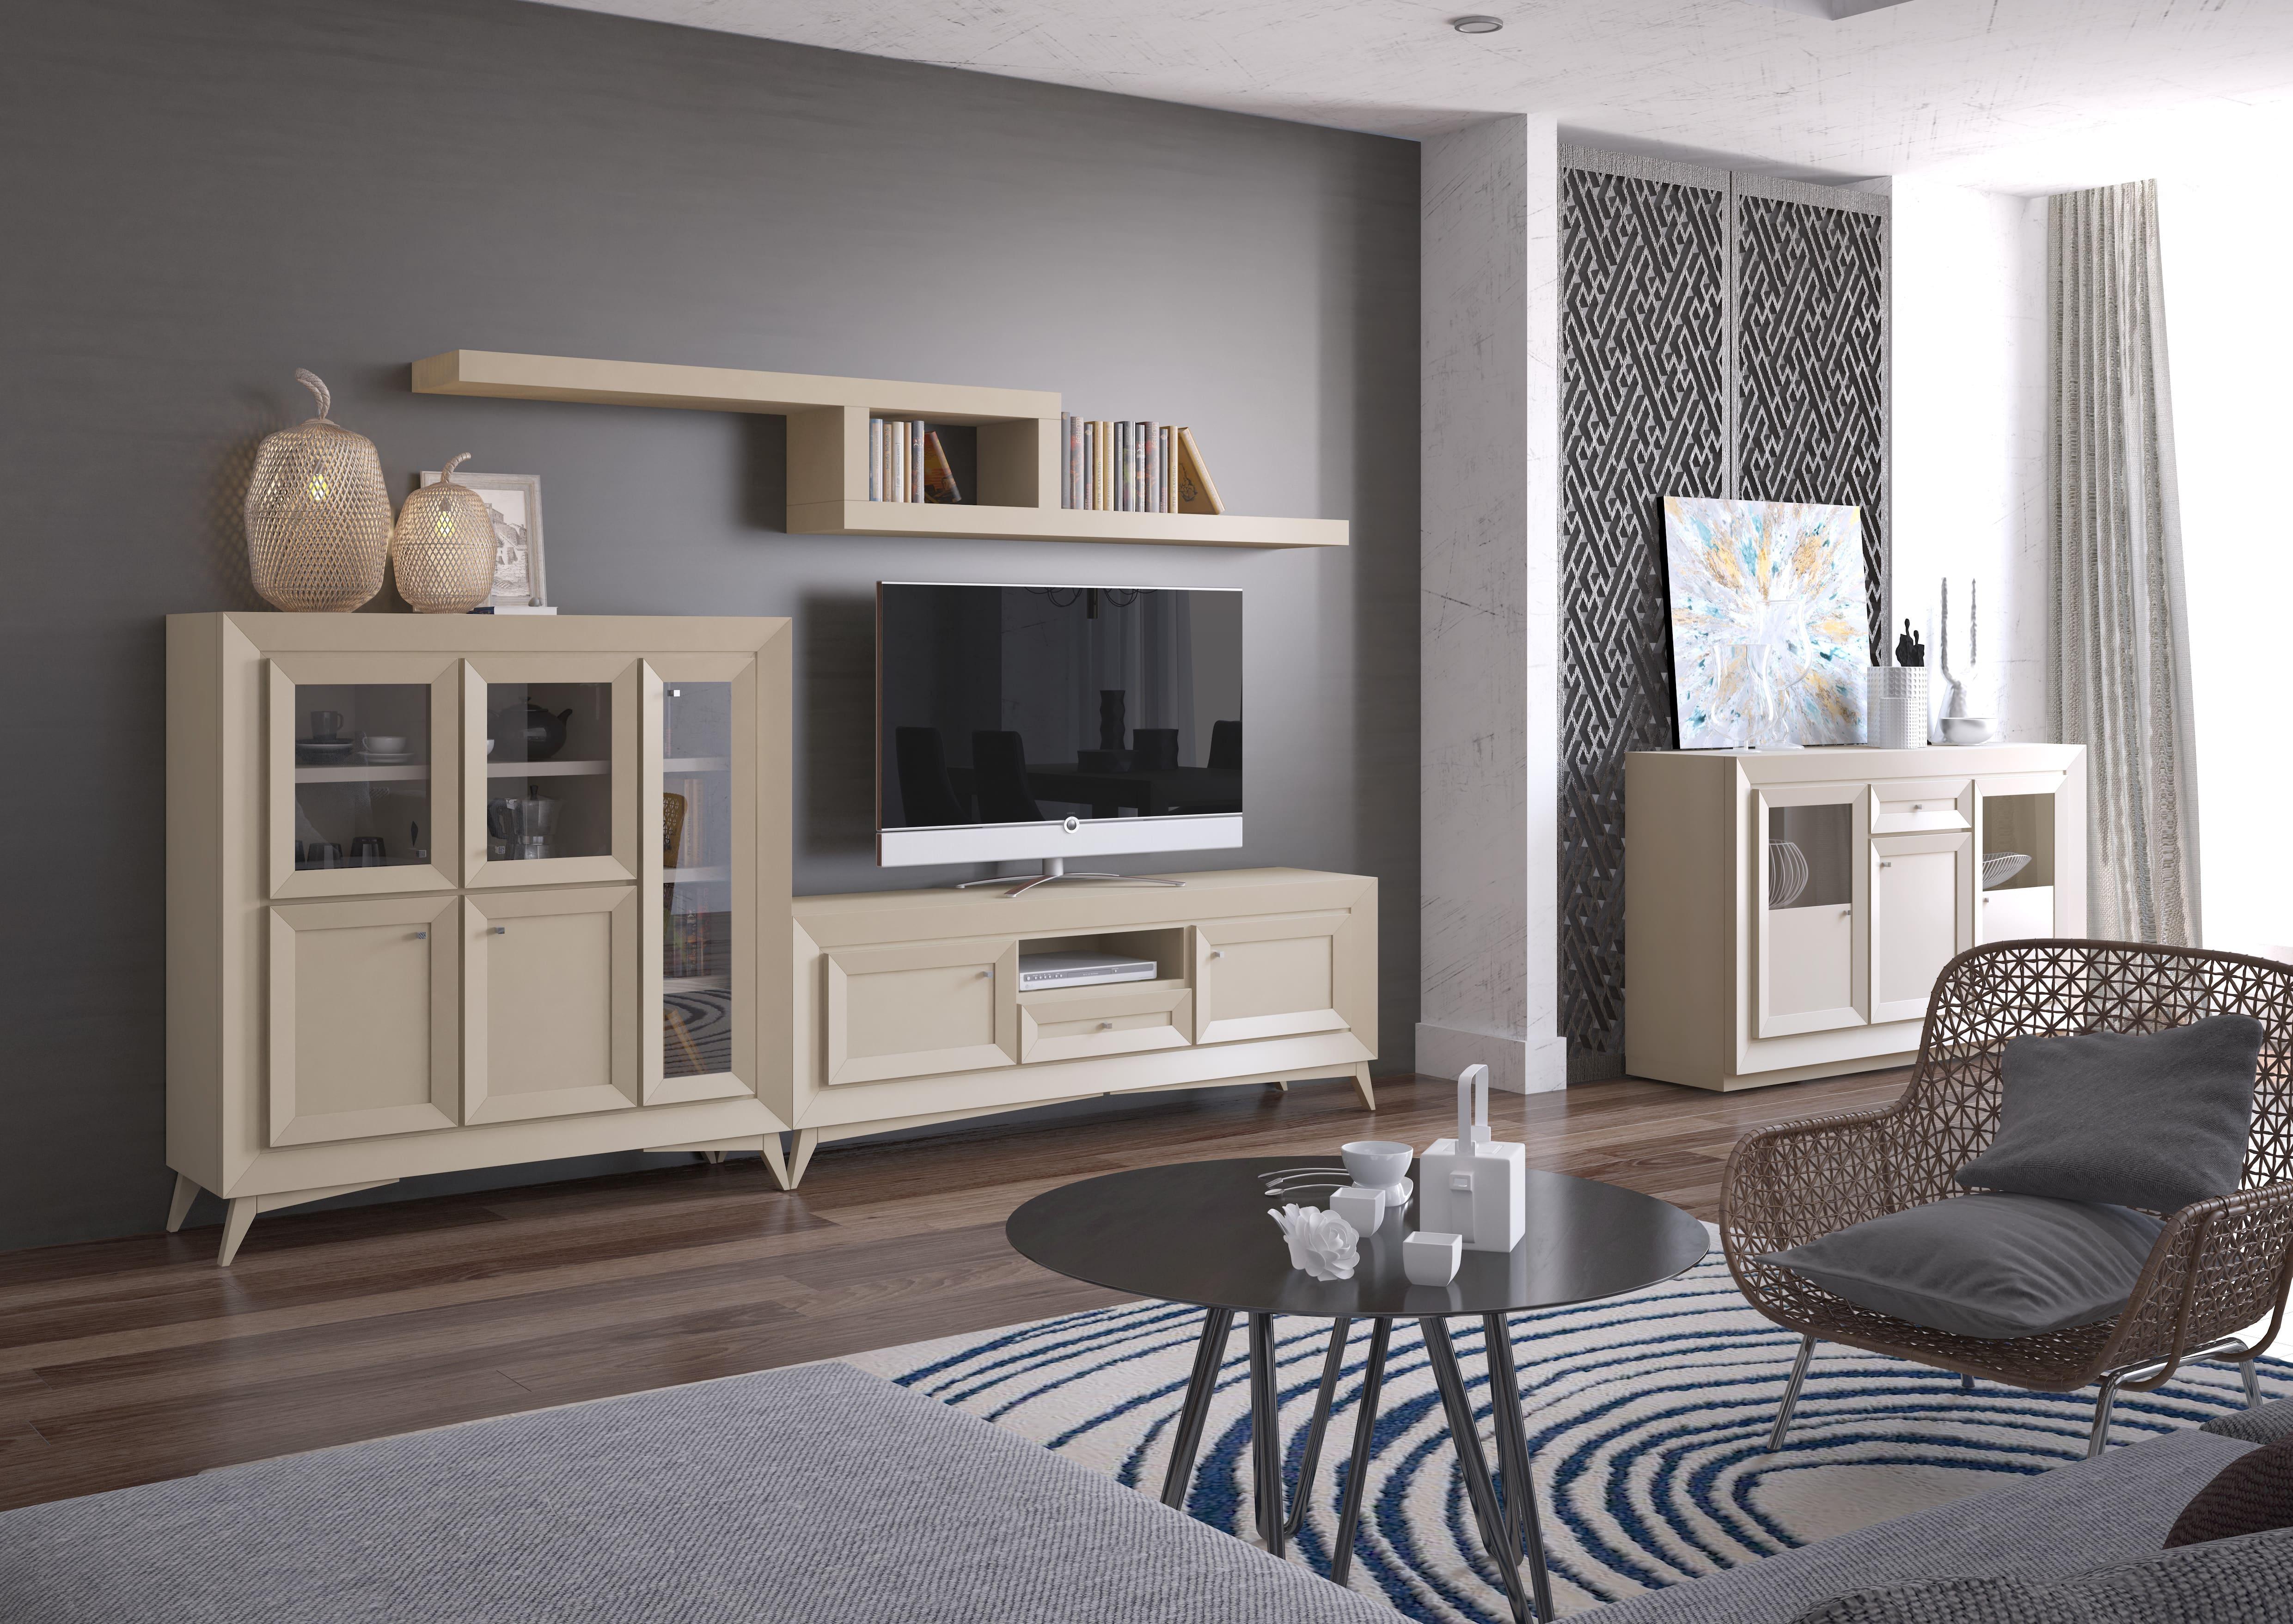 Composición modular de 290x160 cm. Innovadora colección fabricada íntegramente con maderas y chapas naturales de roble.